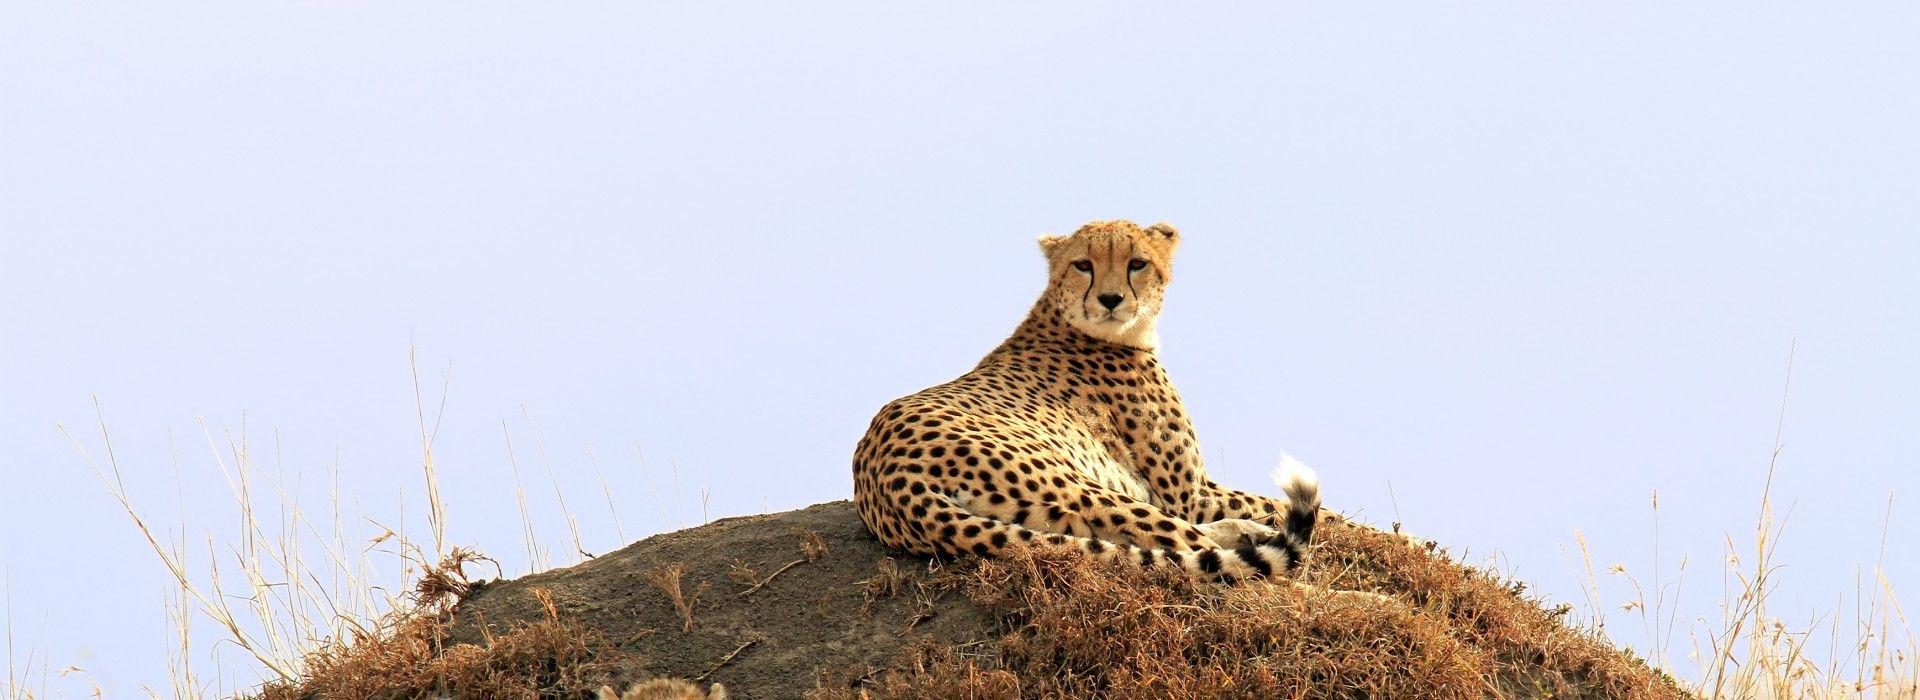 Trekking Tours in Africa